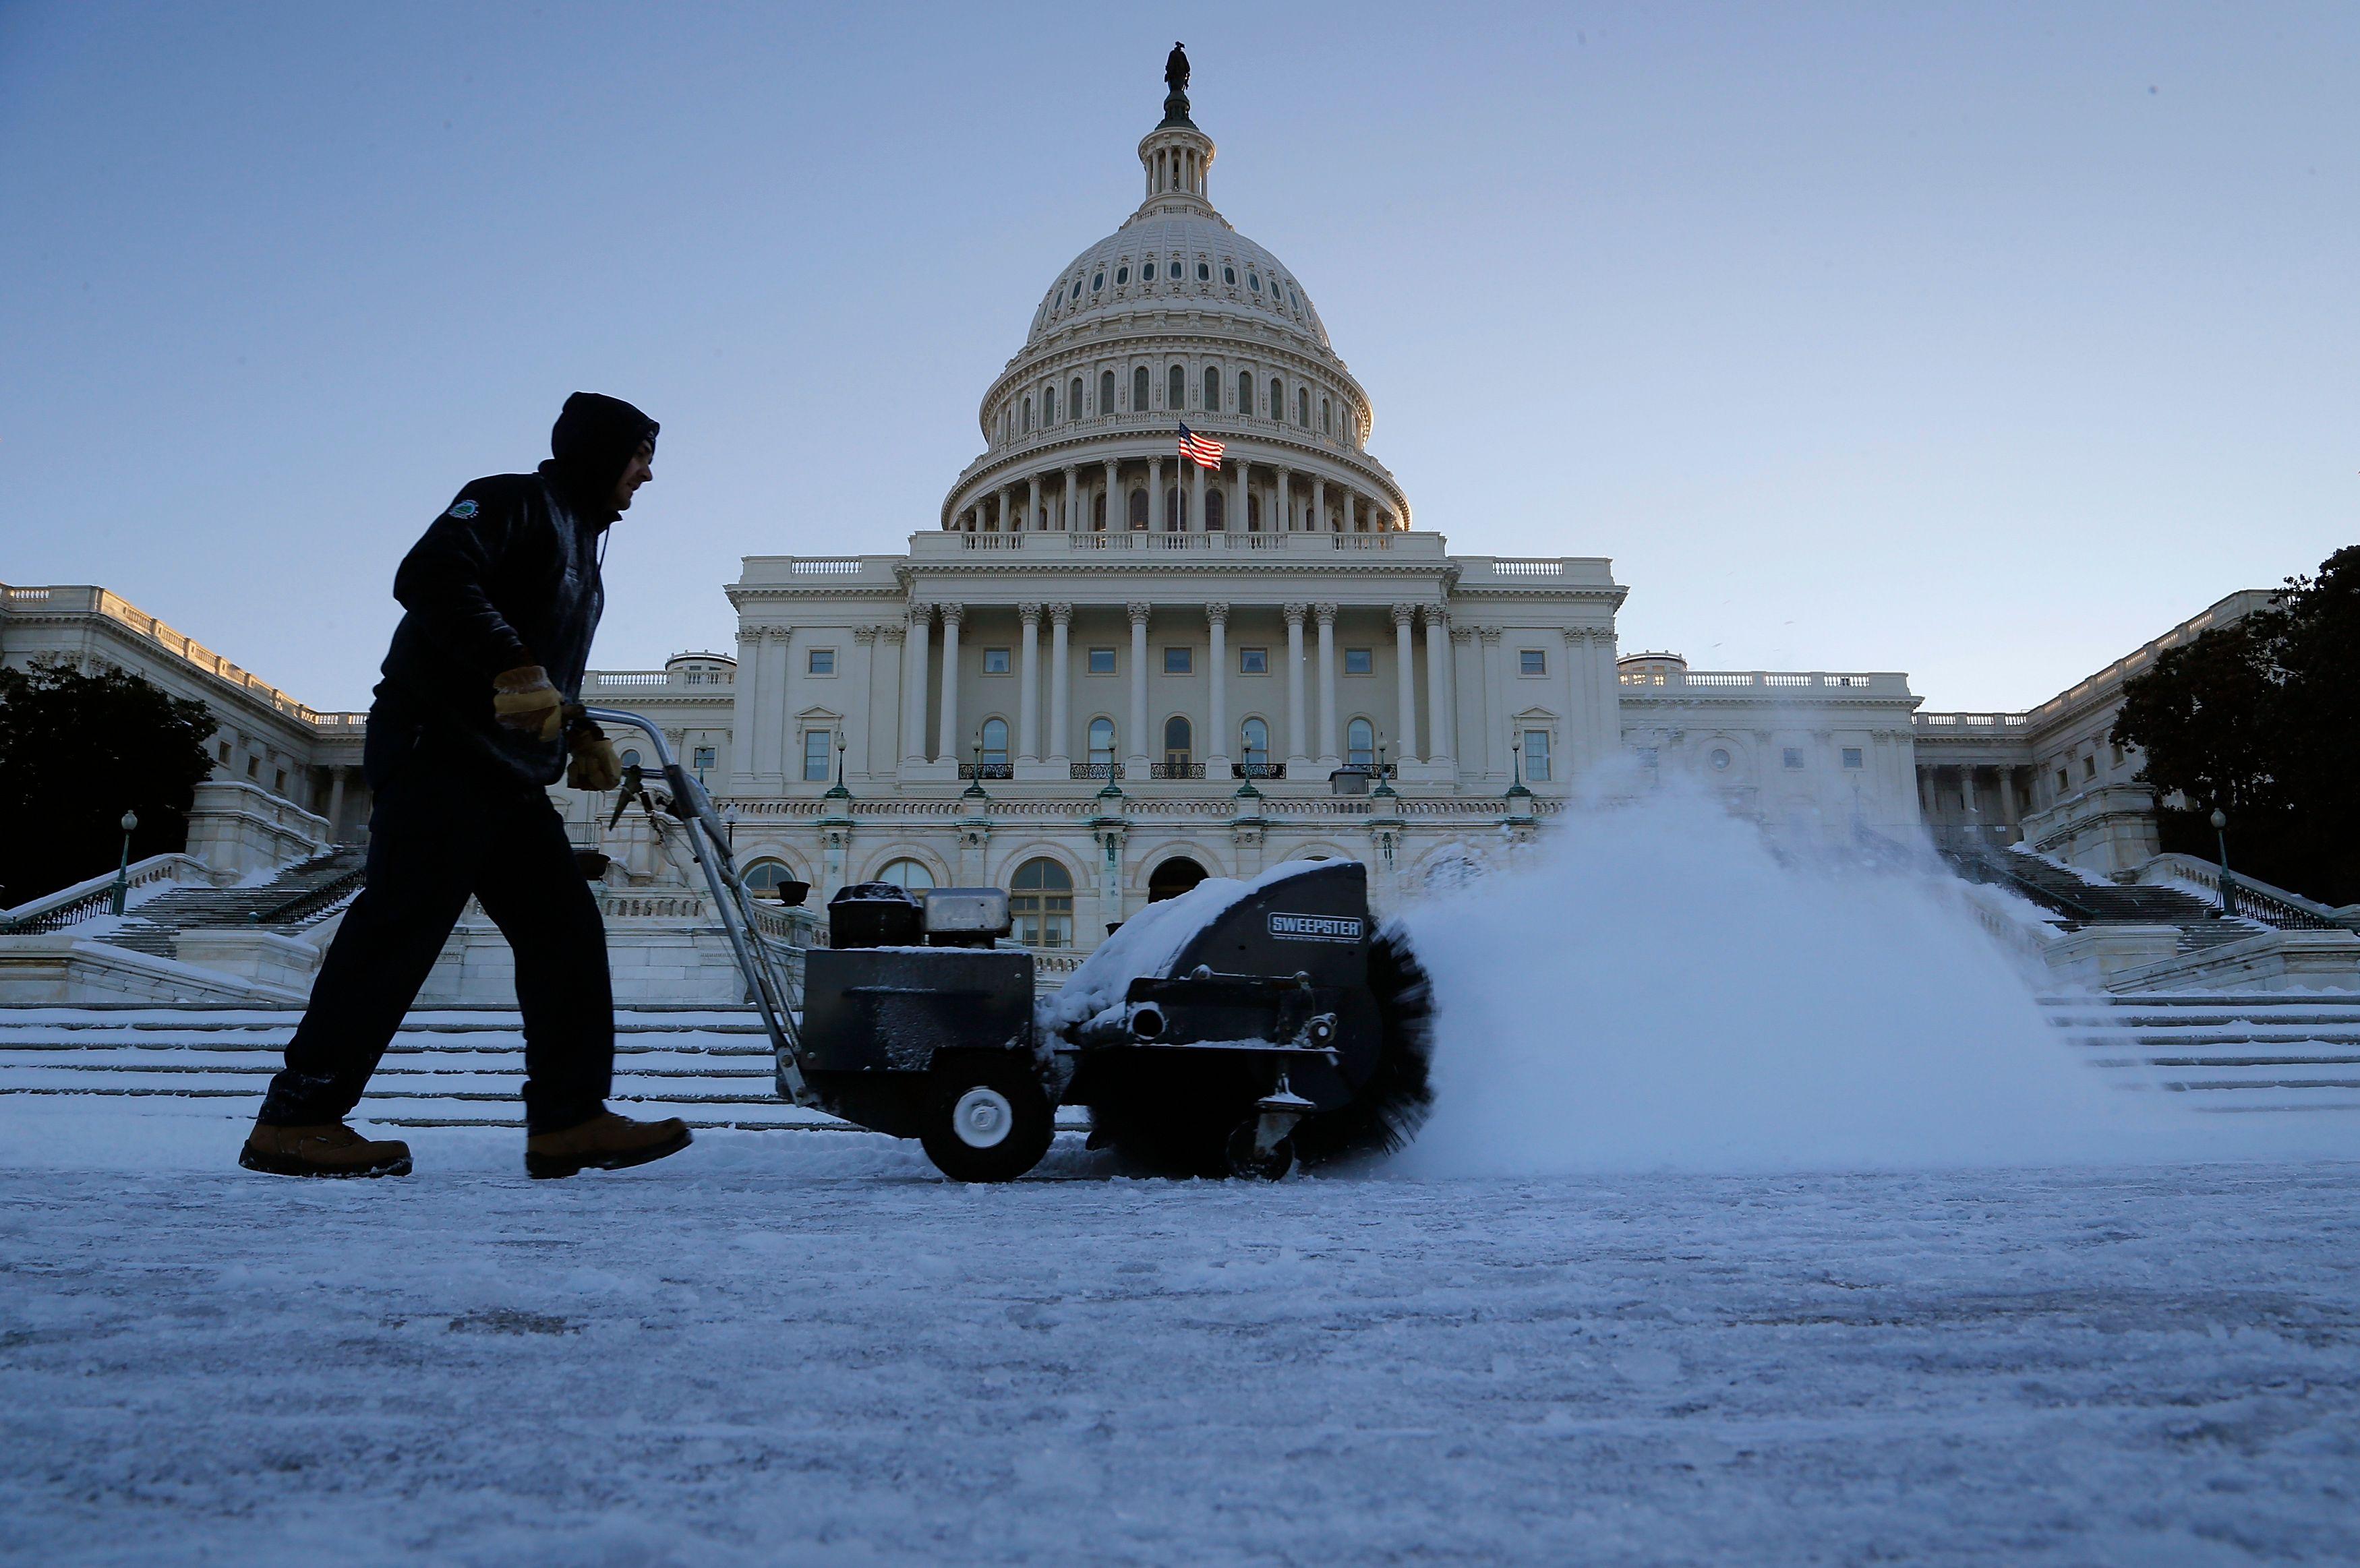 Etats-Unis : une immense tempête de neige va toucher l'Est du pays